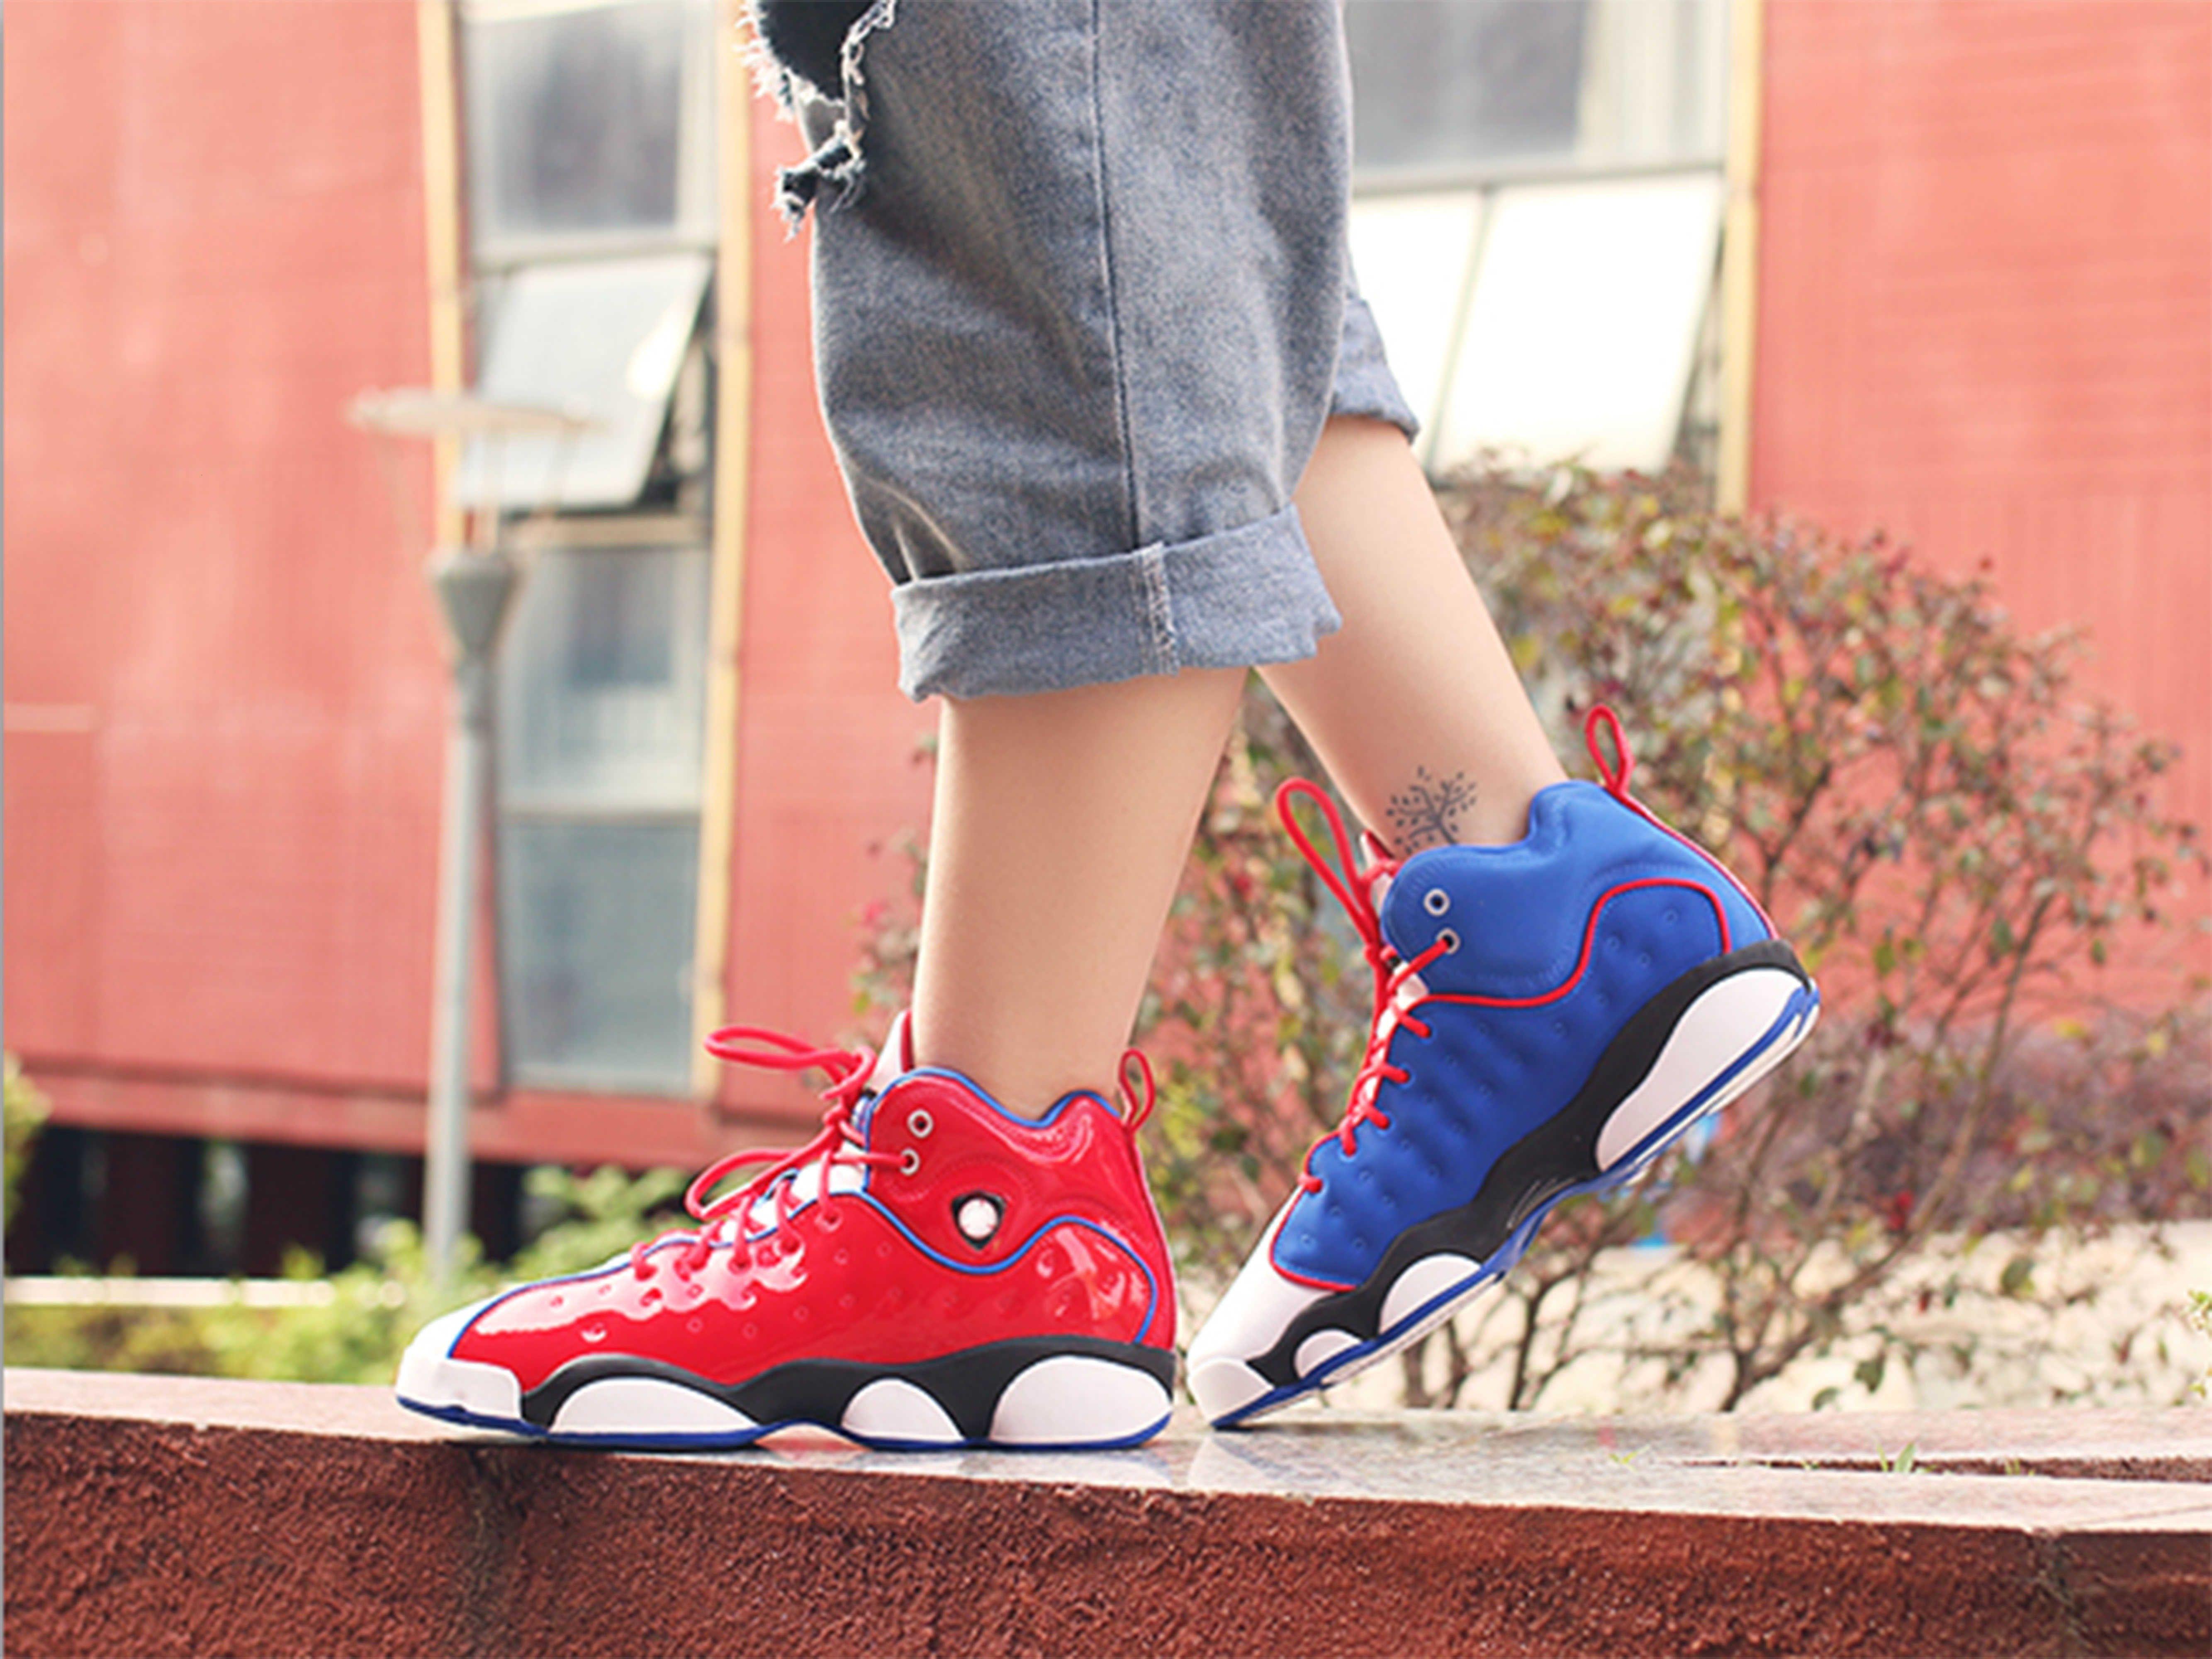 2020 Xiii 13 Jumpman Takım Ii Mandarin Duck Erkek Kırmızı Mavi Basketbol Ayakkabı Melo Dmp Hiper Canlılık Royal Spor 13s Eğitmenler Spor ayakkabılar Hit